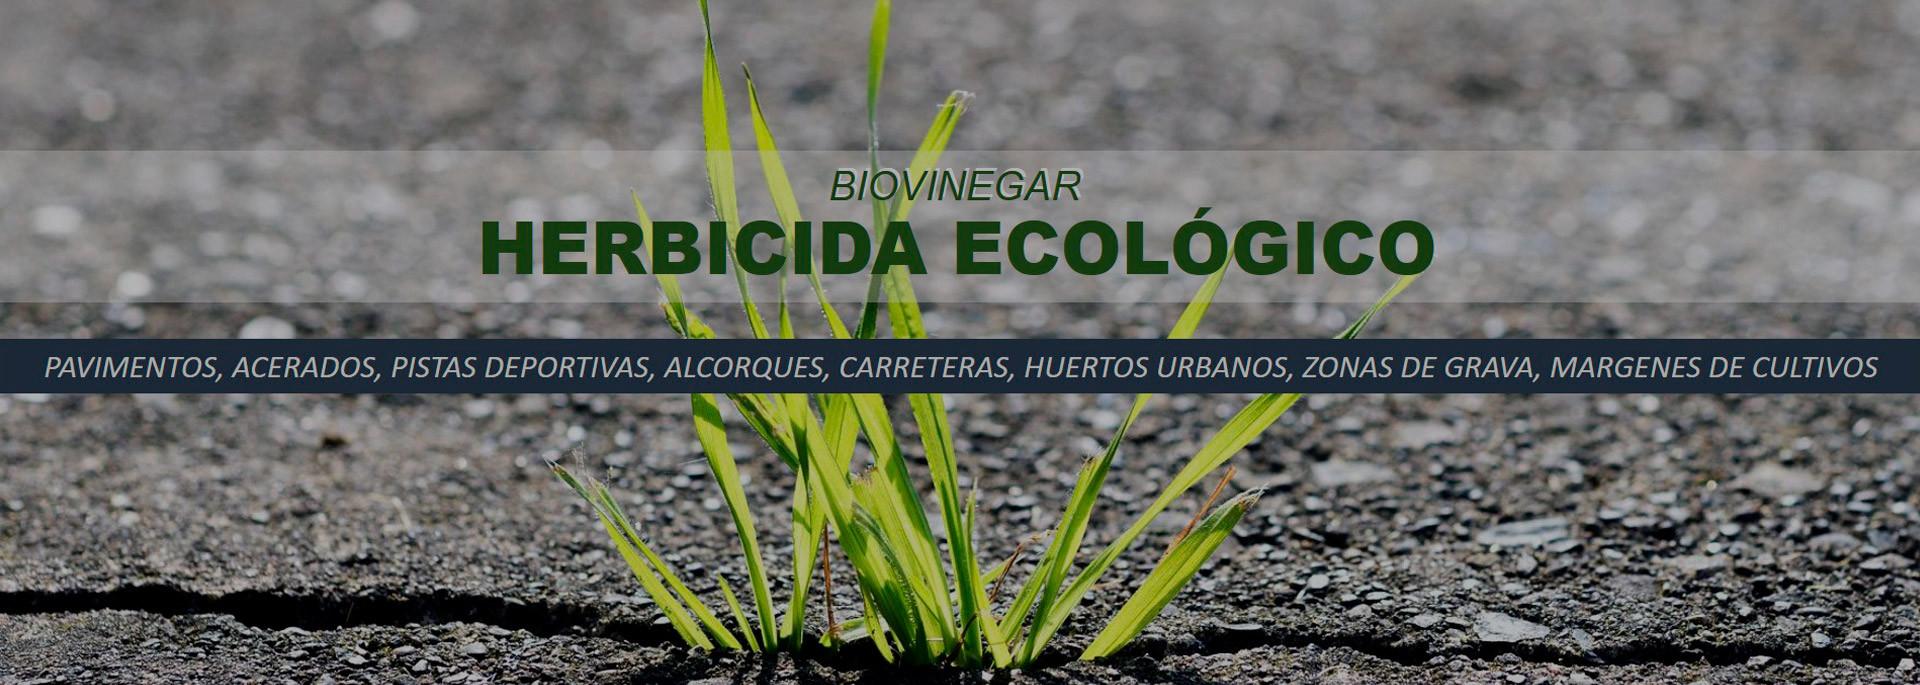 Comprar biovinegar herbicida ecológico